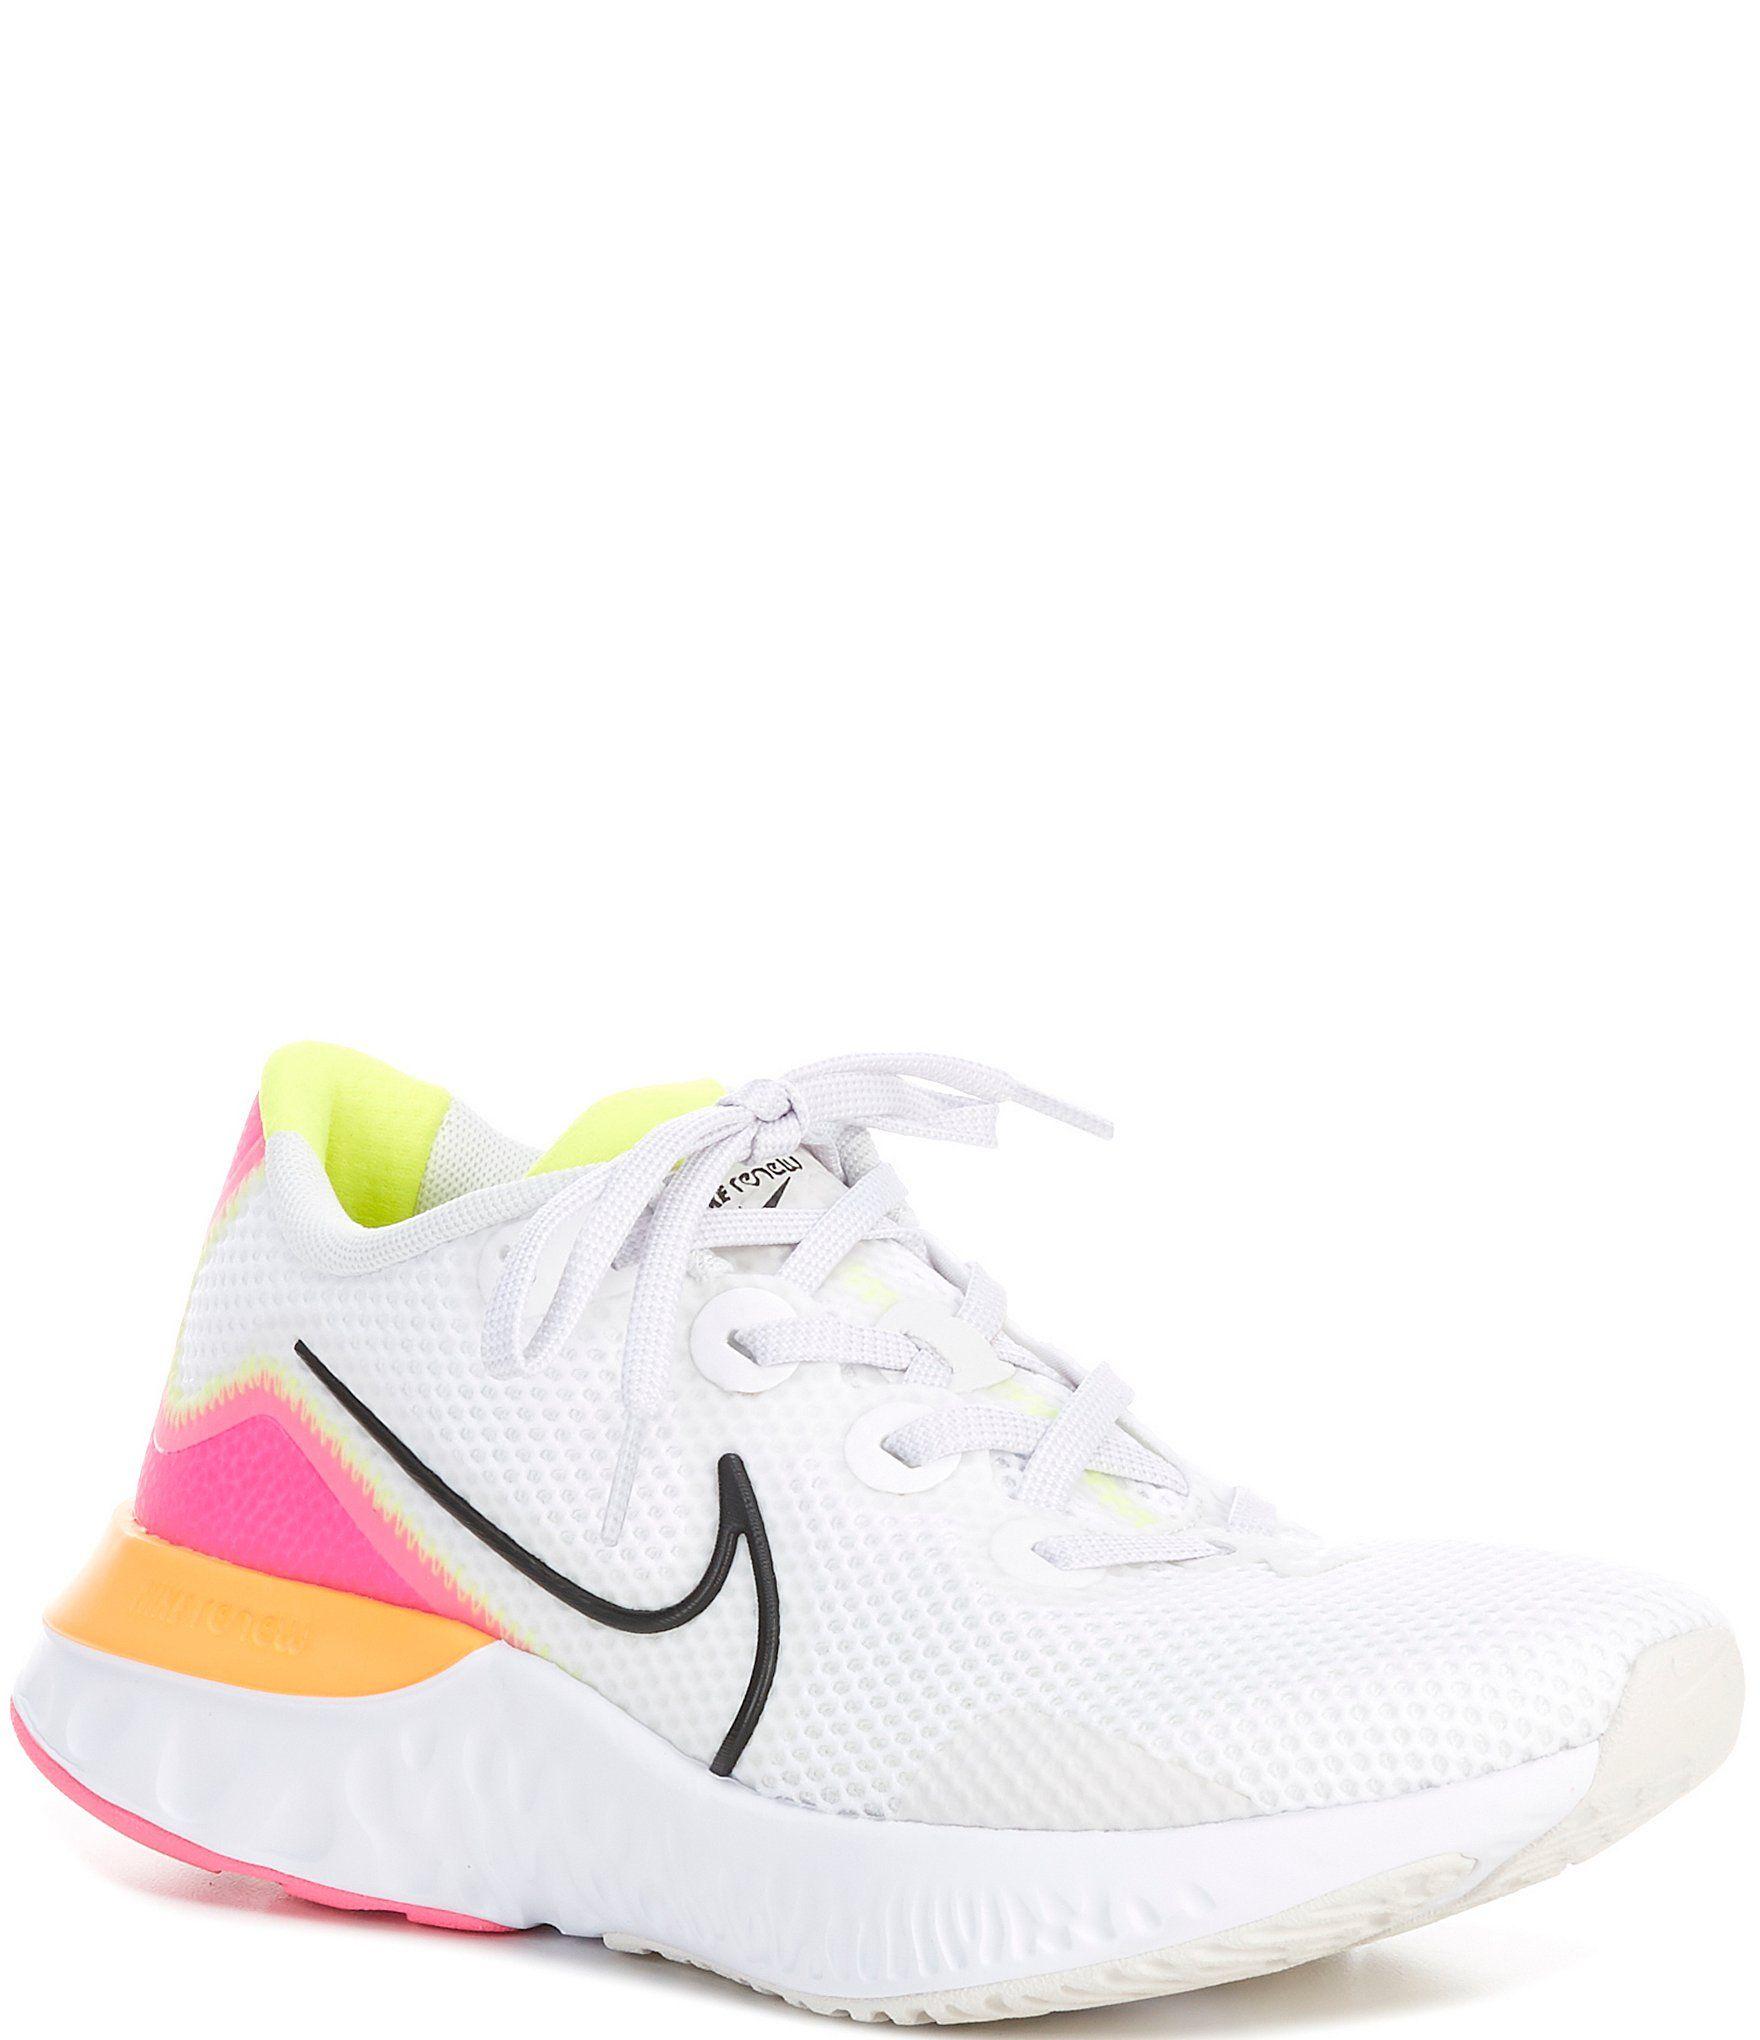 Nike Women's Renew Run Running Shoes